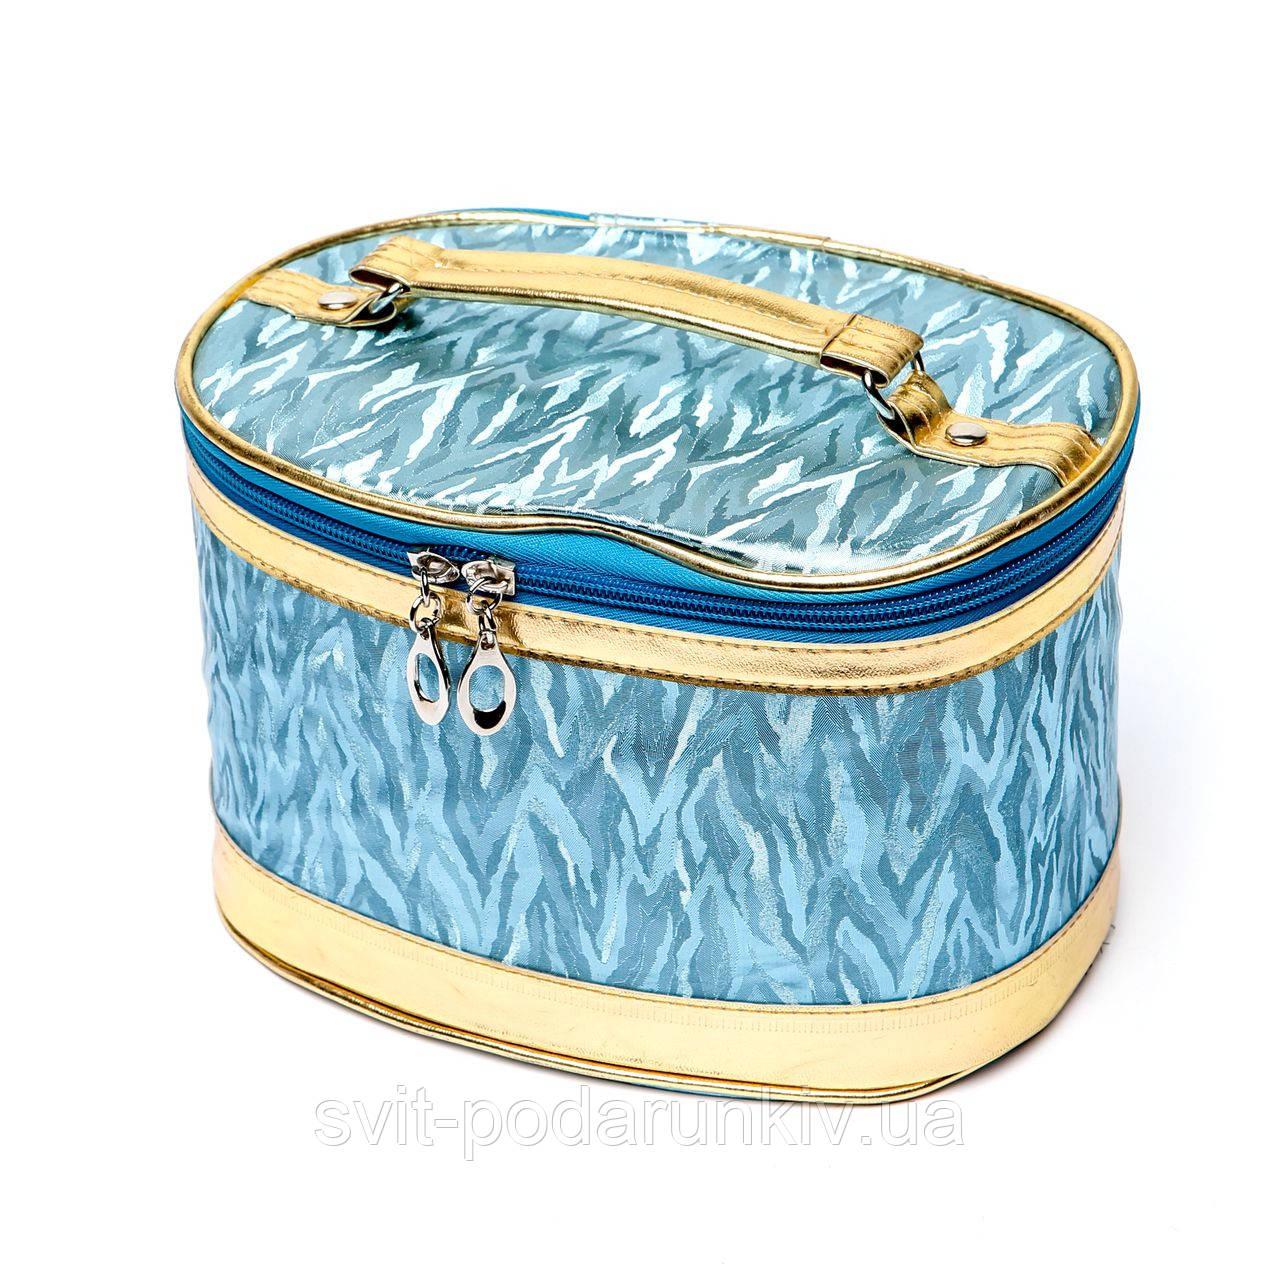 Модні косметички великі блакитні з каймою під золото 3 шт в наборі S2